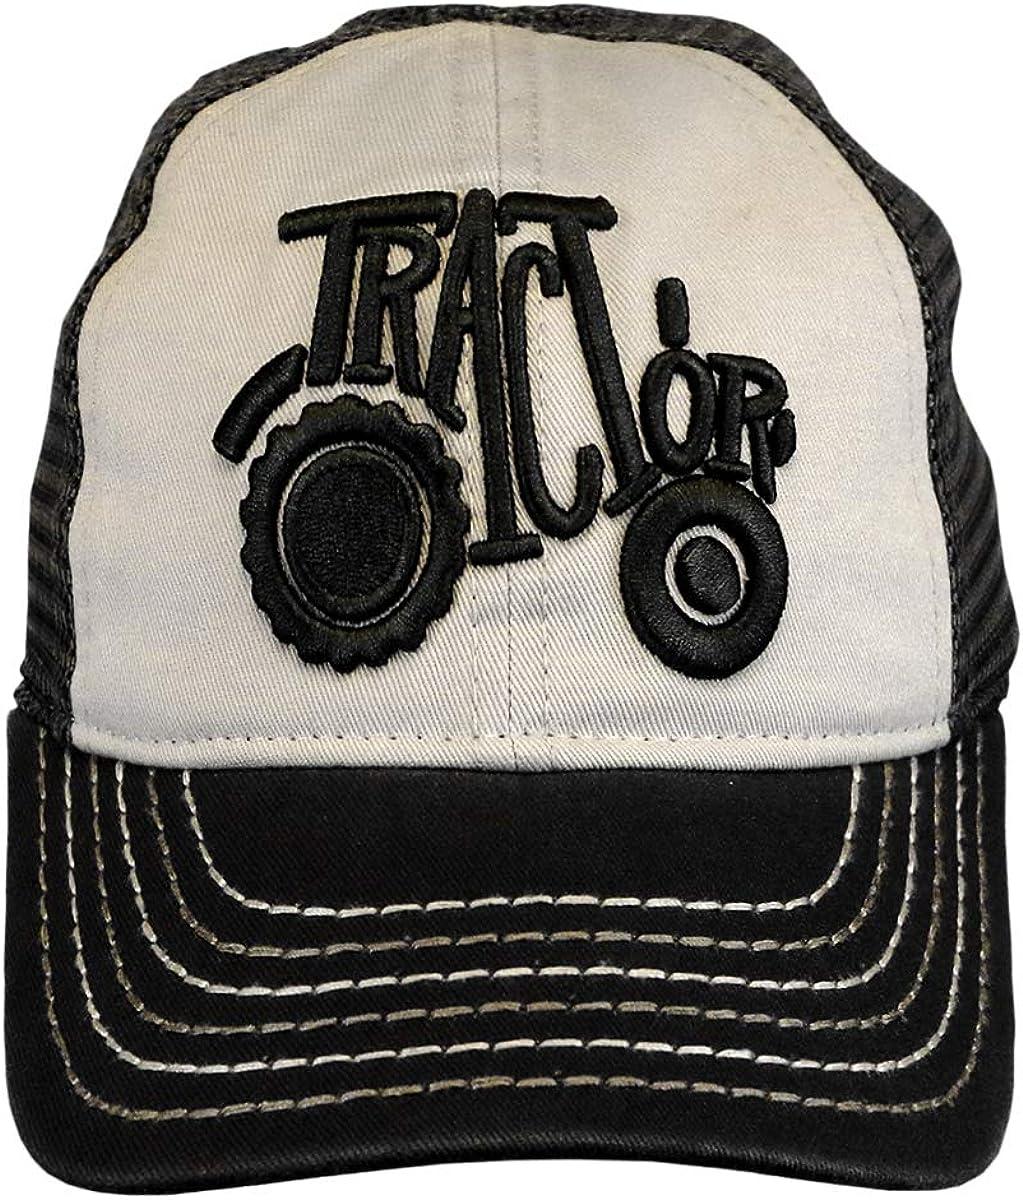 John Deere - Gorra de Tractor para Mujer, Color Negro: Amazon.es ...